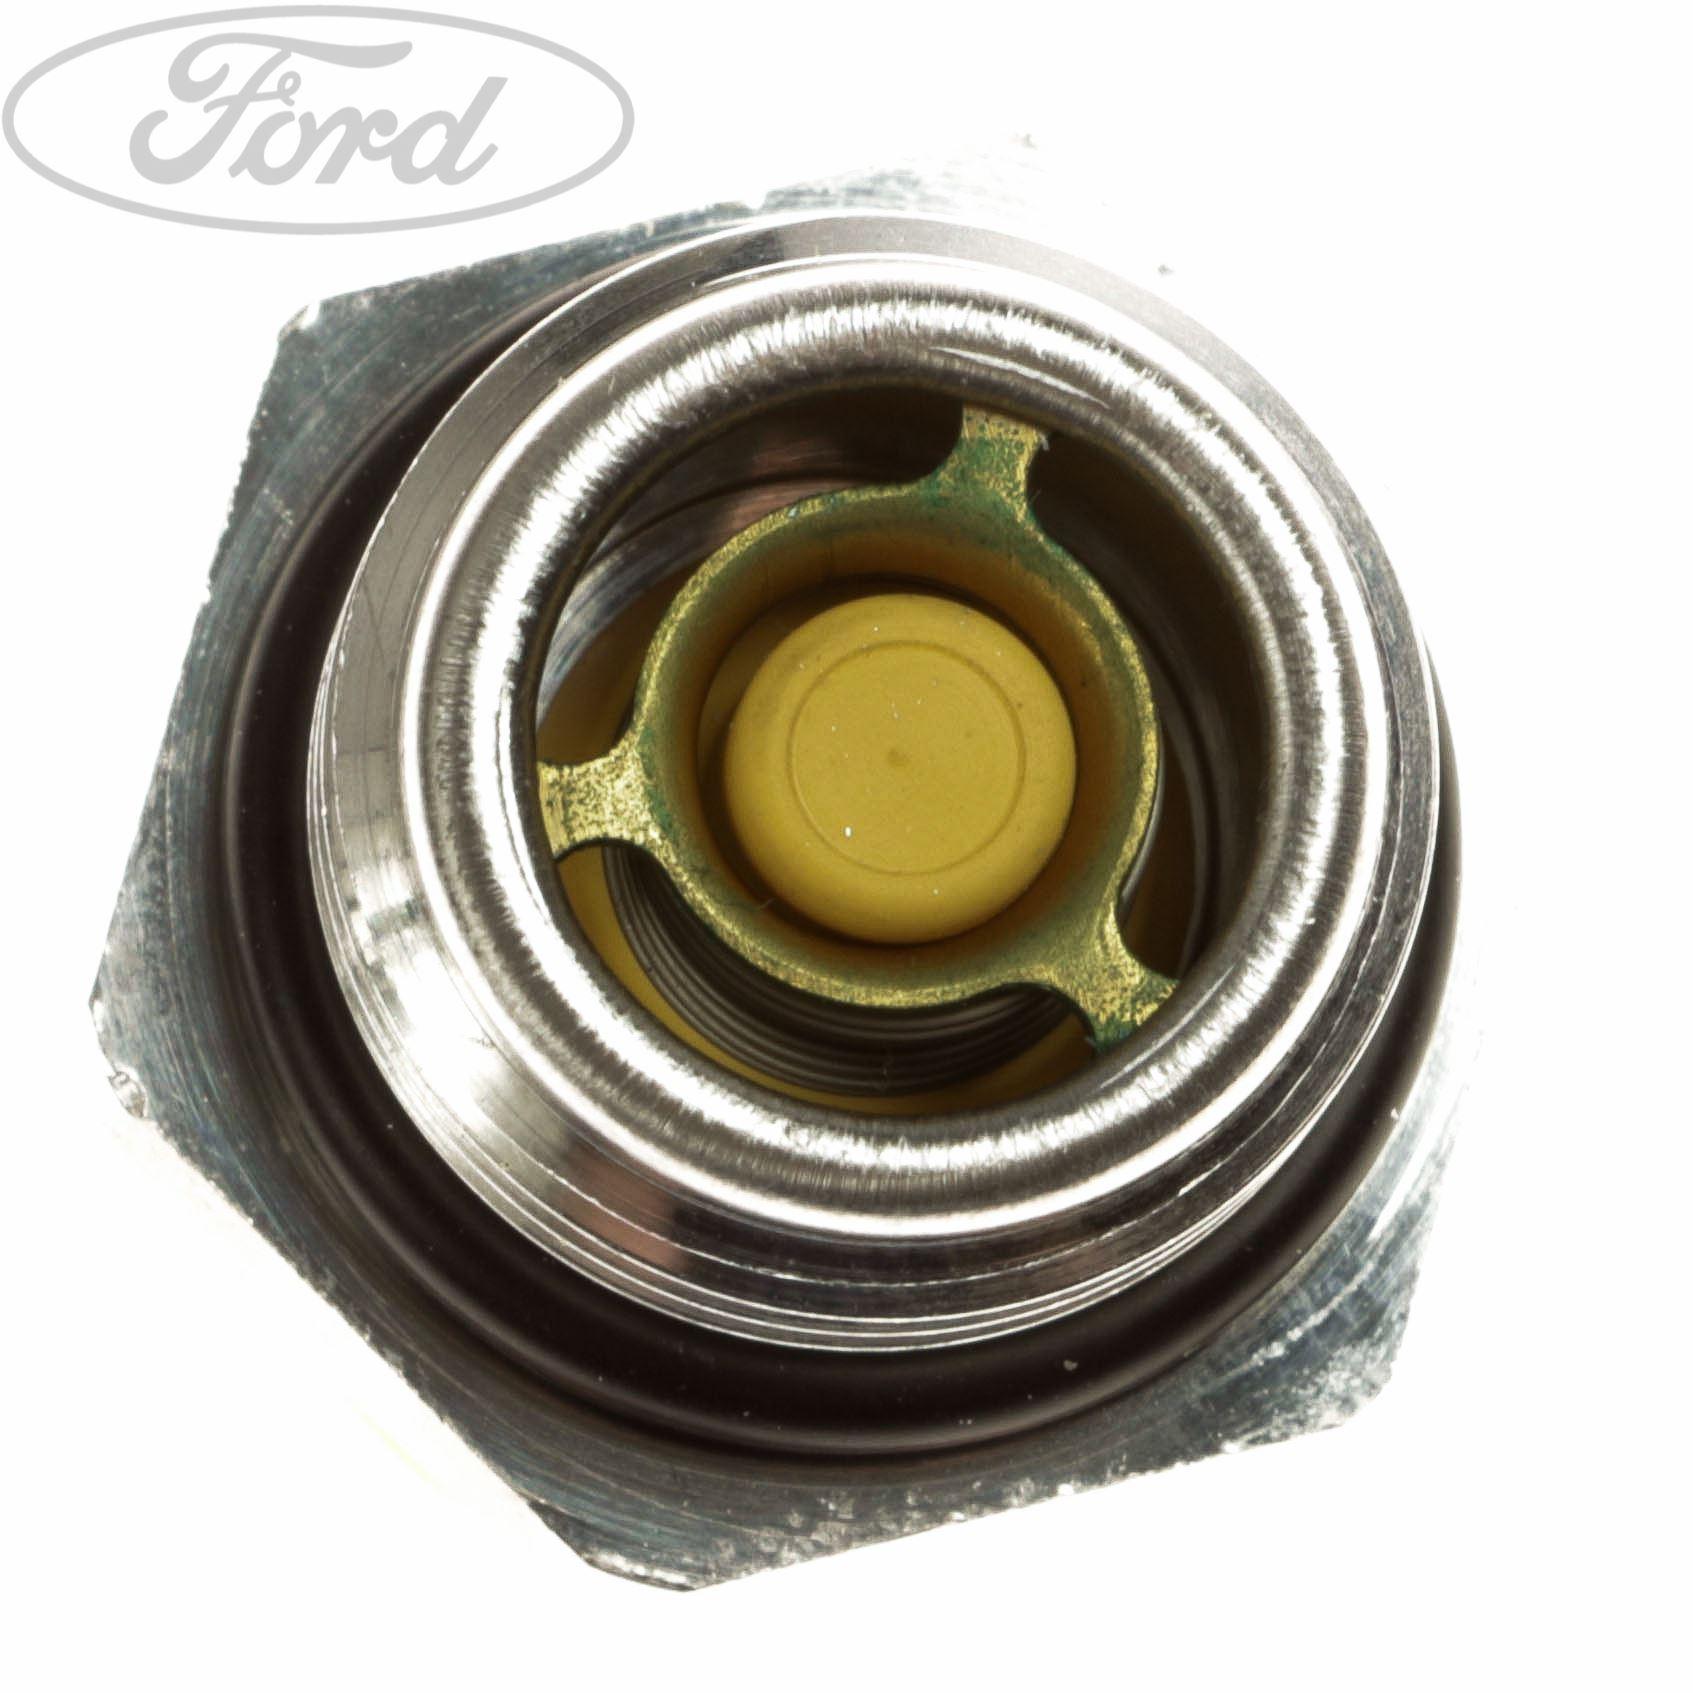 Genuine Ford Focus Mk2 C Max Vacuum Pump Non Return Valve 1862312 Ebay 1999 2007 Fuse Box Diagram Eu Version